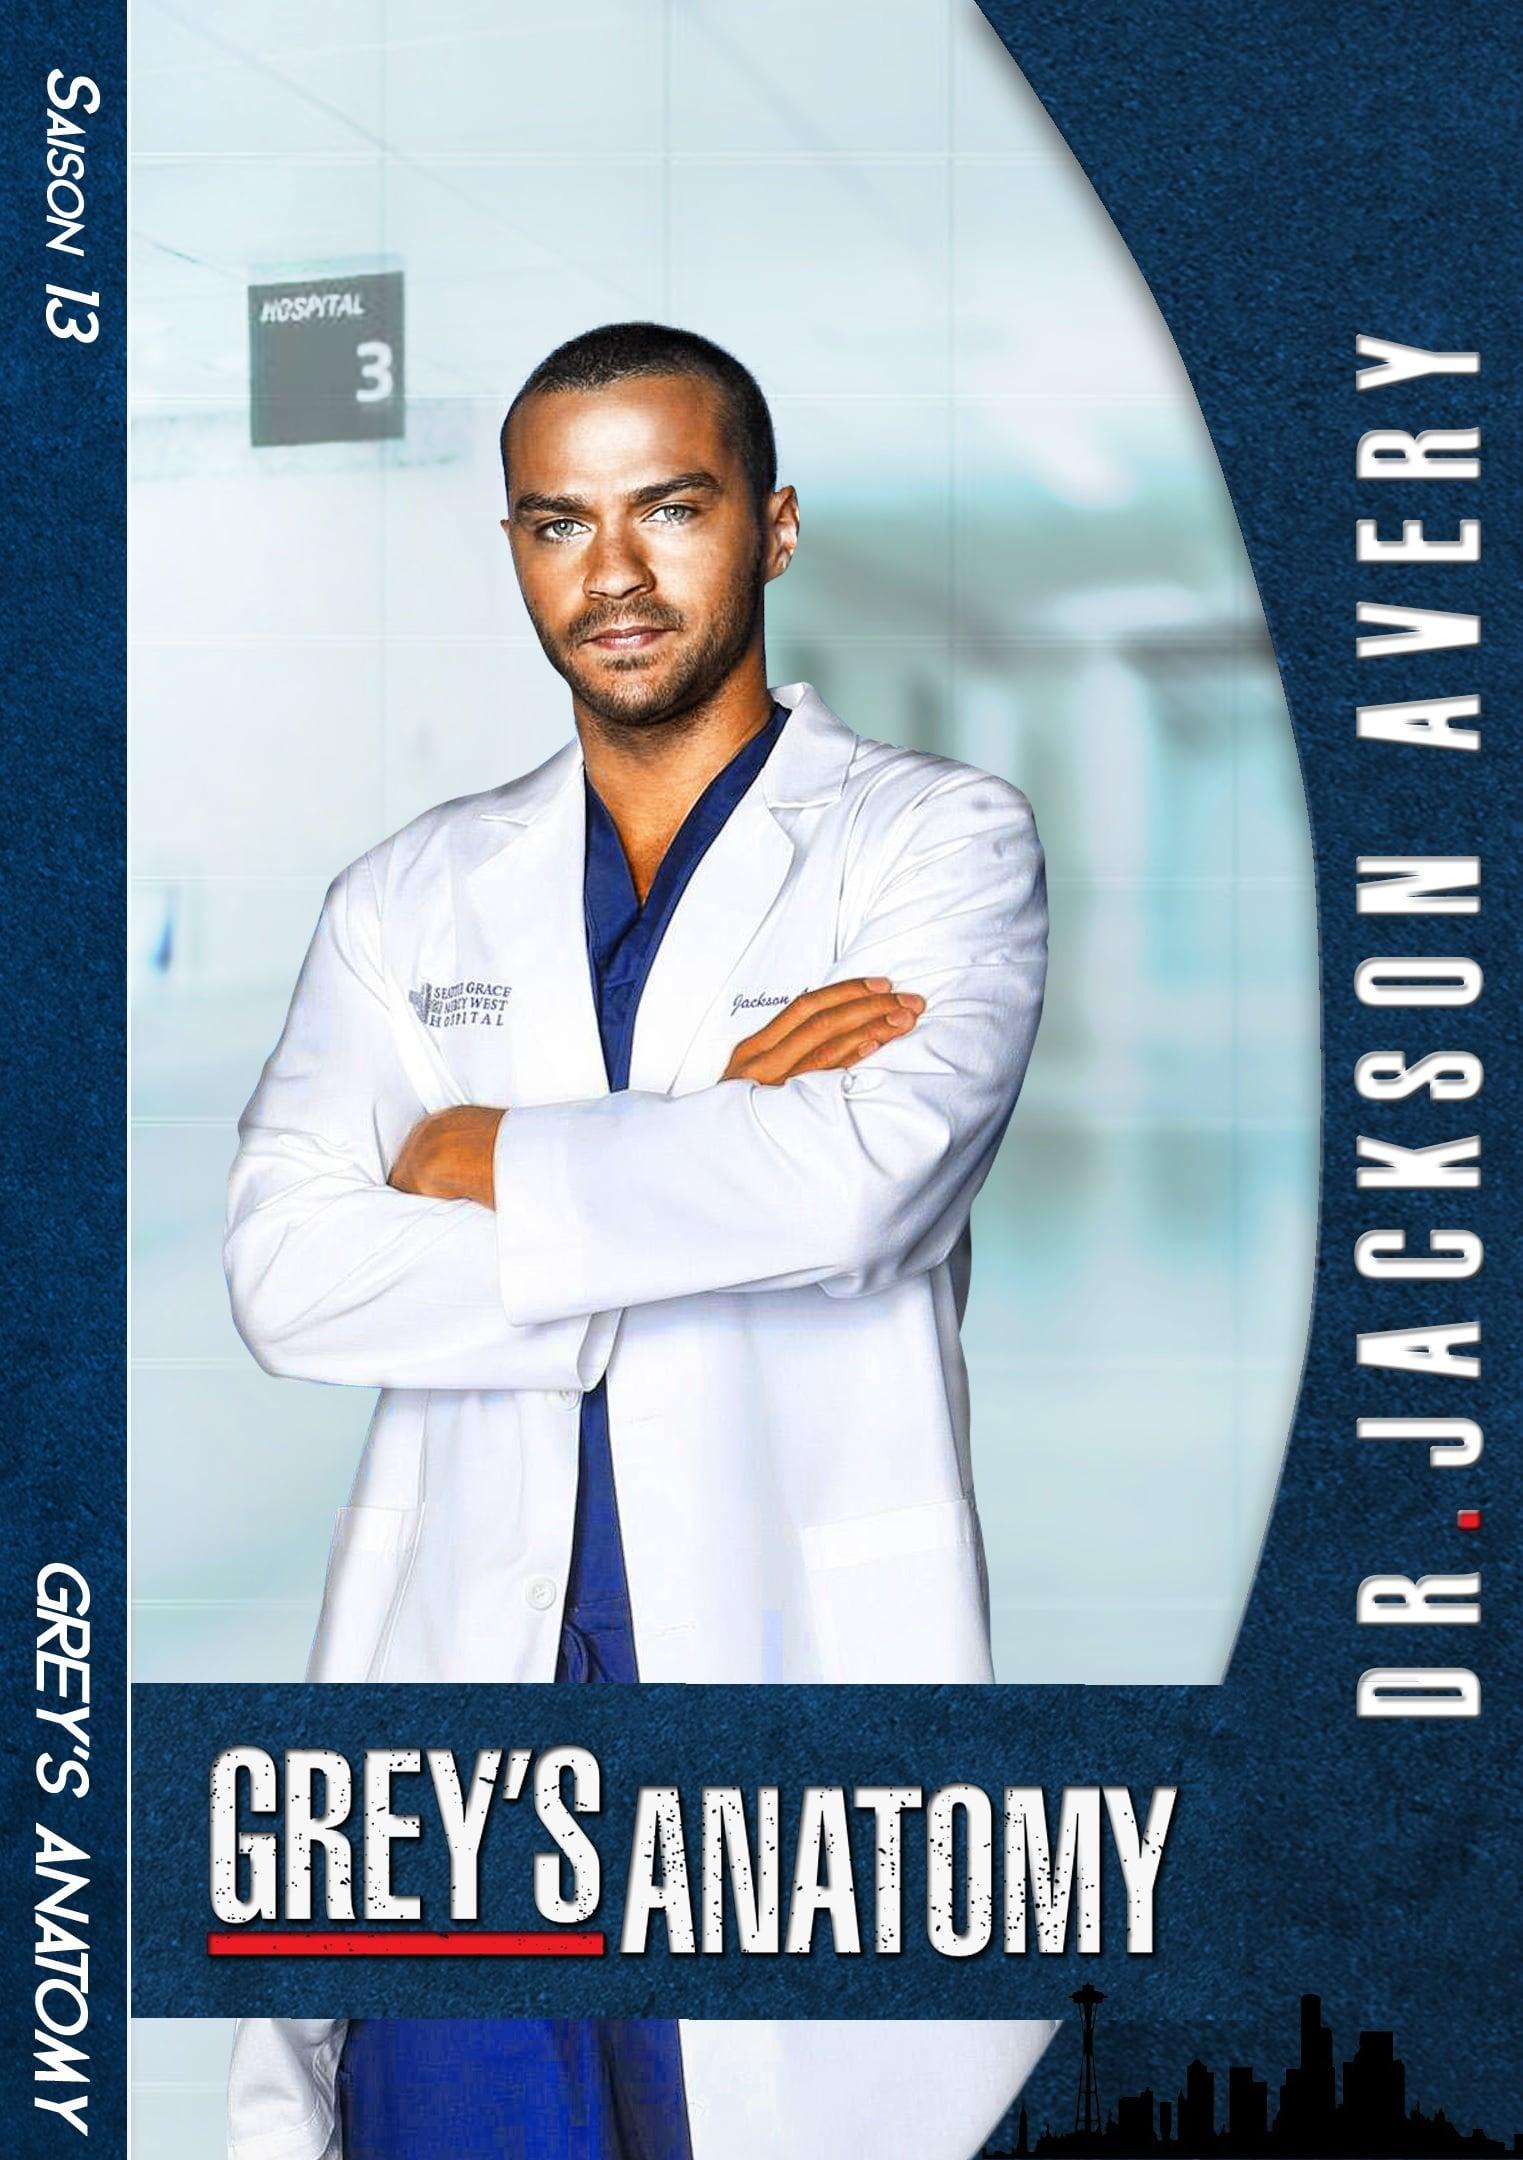 Grey's Anatomy Saison 15 Episode 13 Vostfr : grey's, anatomy, saison, episode, vostfr, Grey's, Anatomy, Streaming, Telechargement, Serie